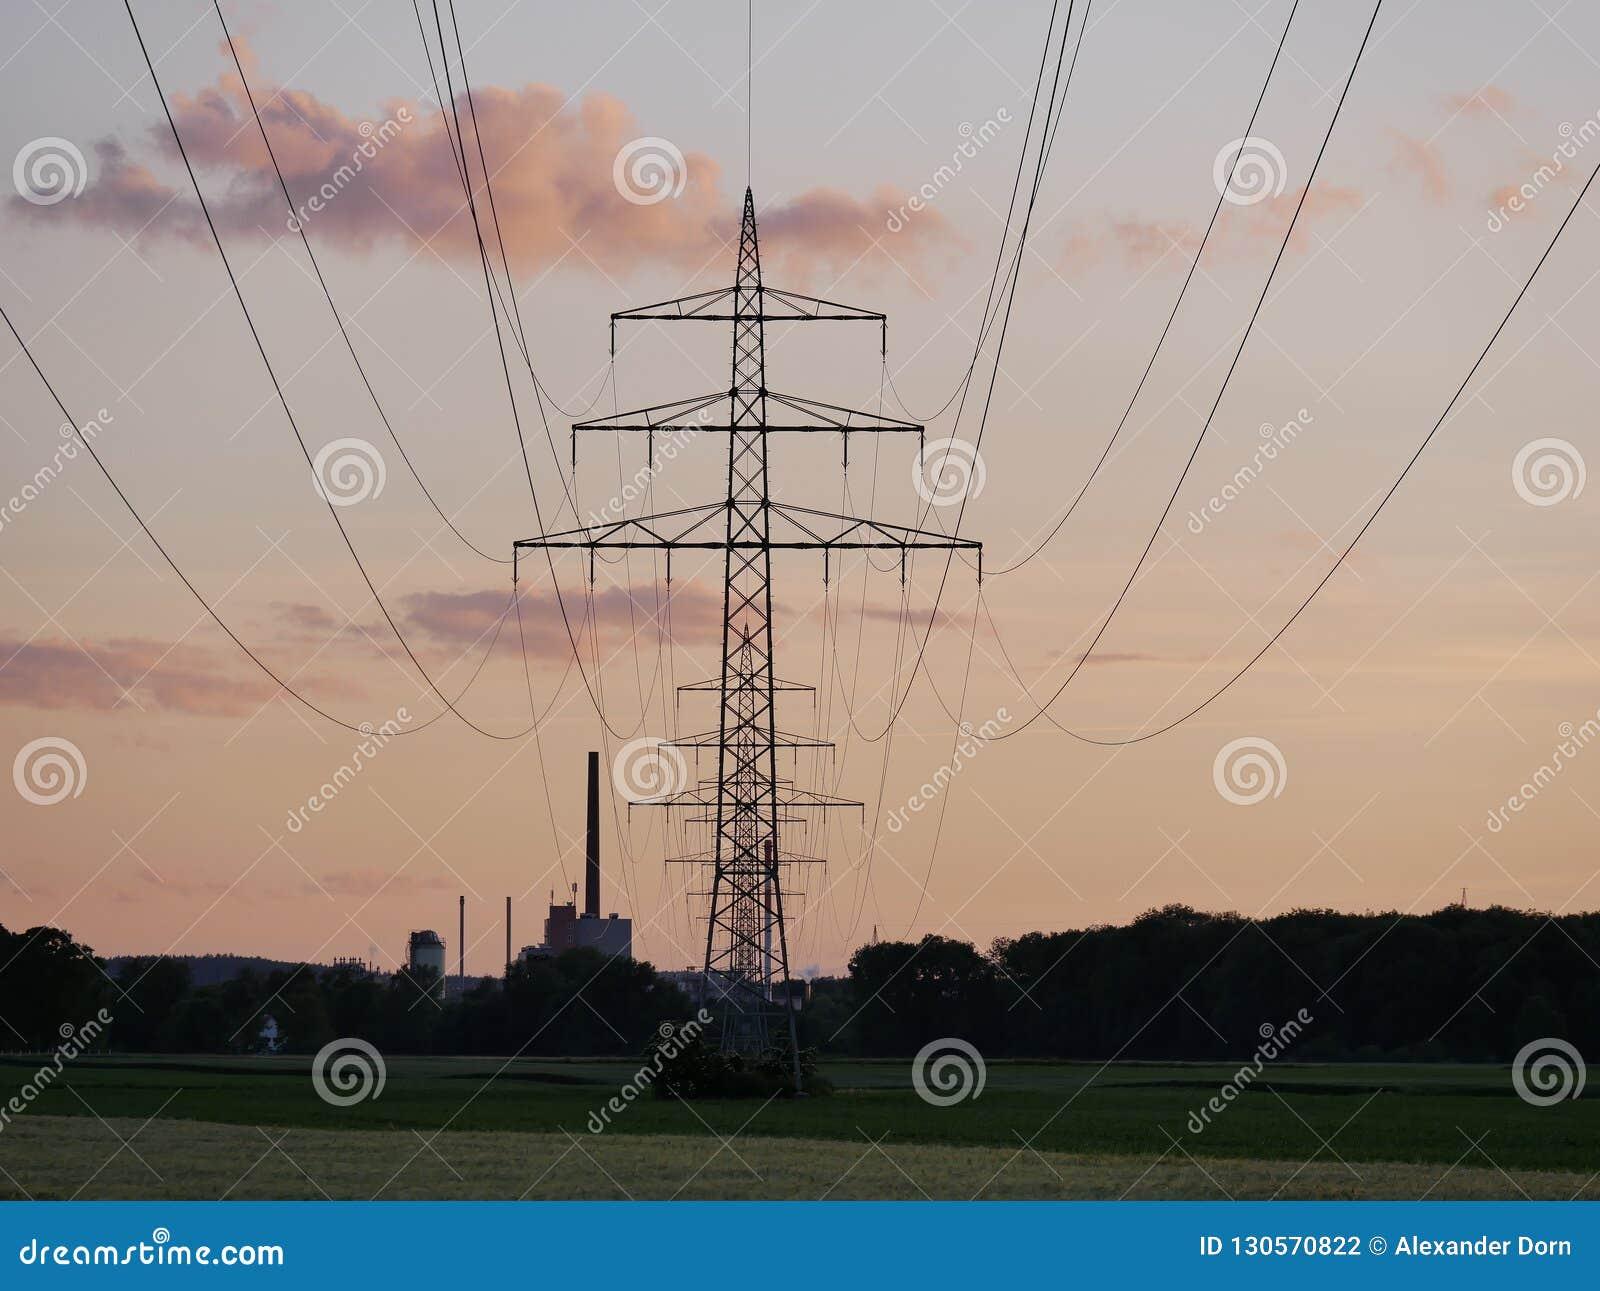 Bild der Stromleitung während des Sonnenuntergangs mit Kraftwerk